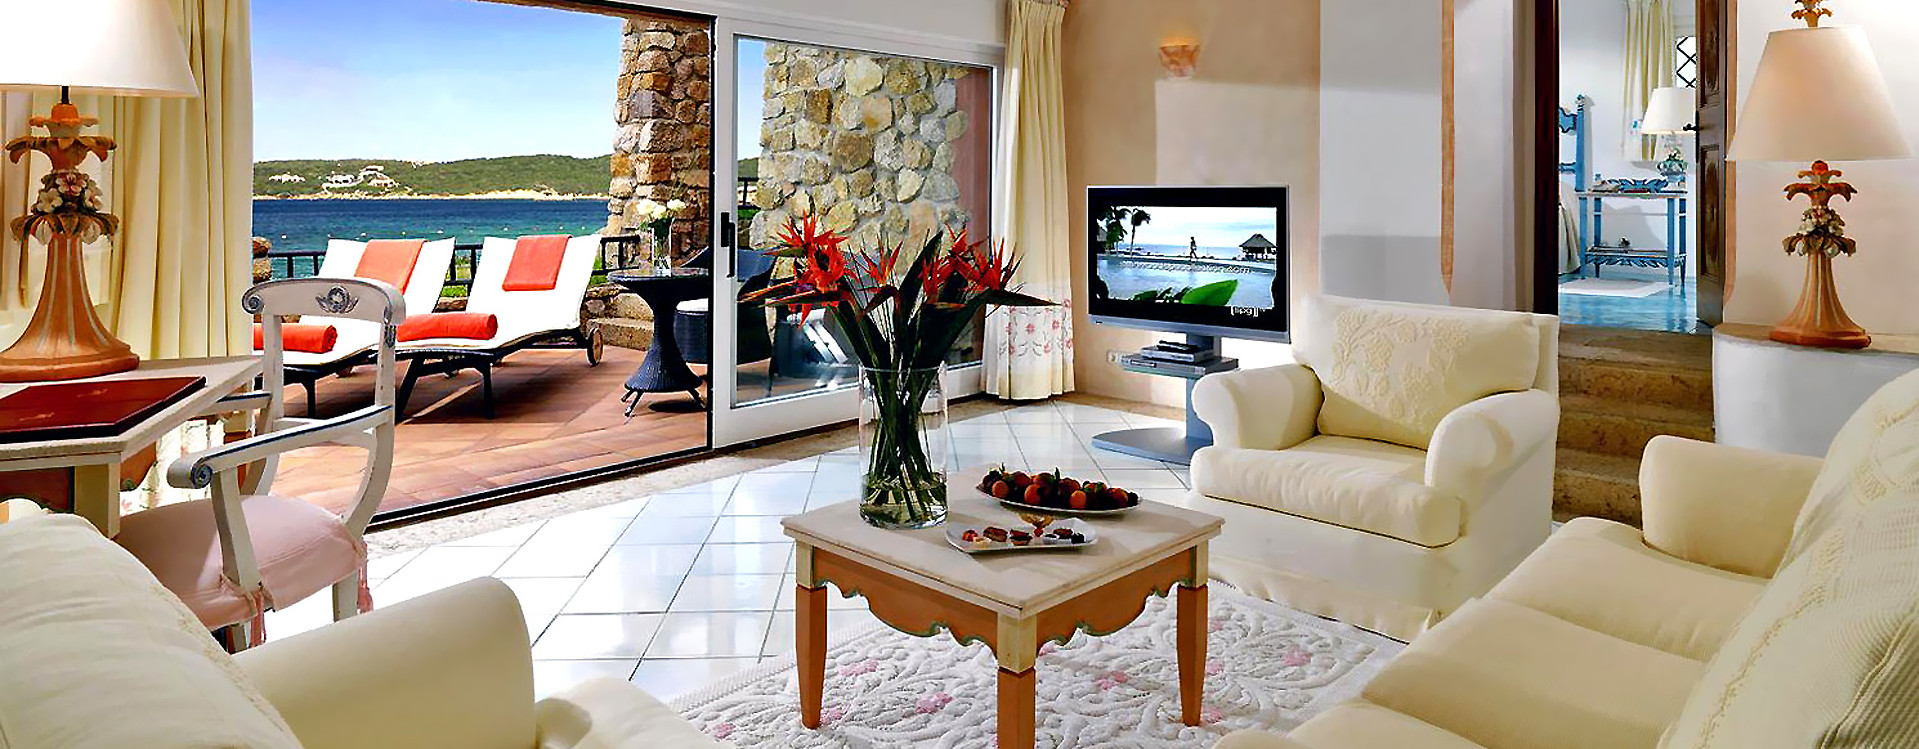 Номер Hotel Pitrizz, Сардиния